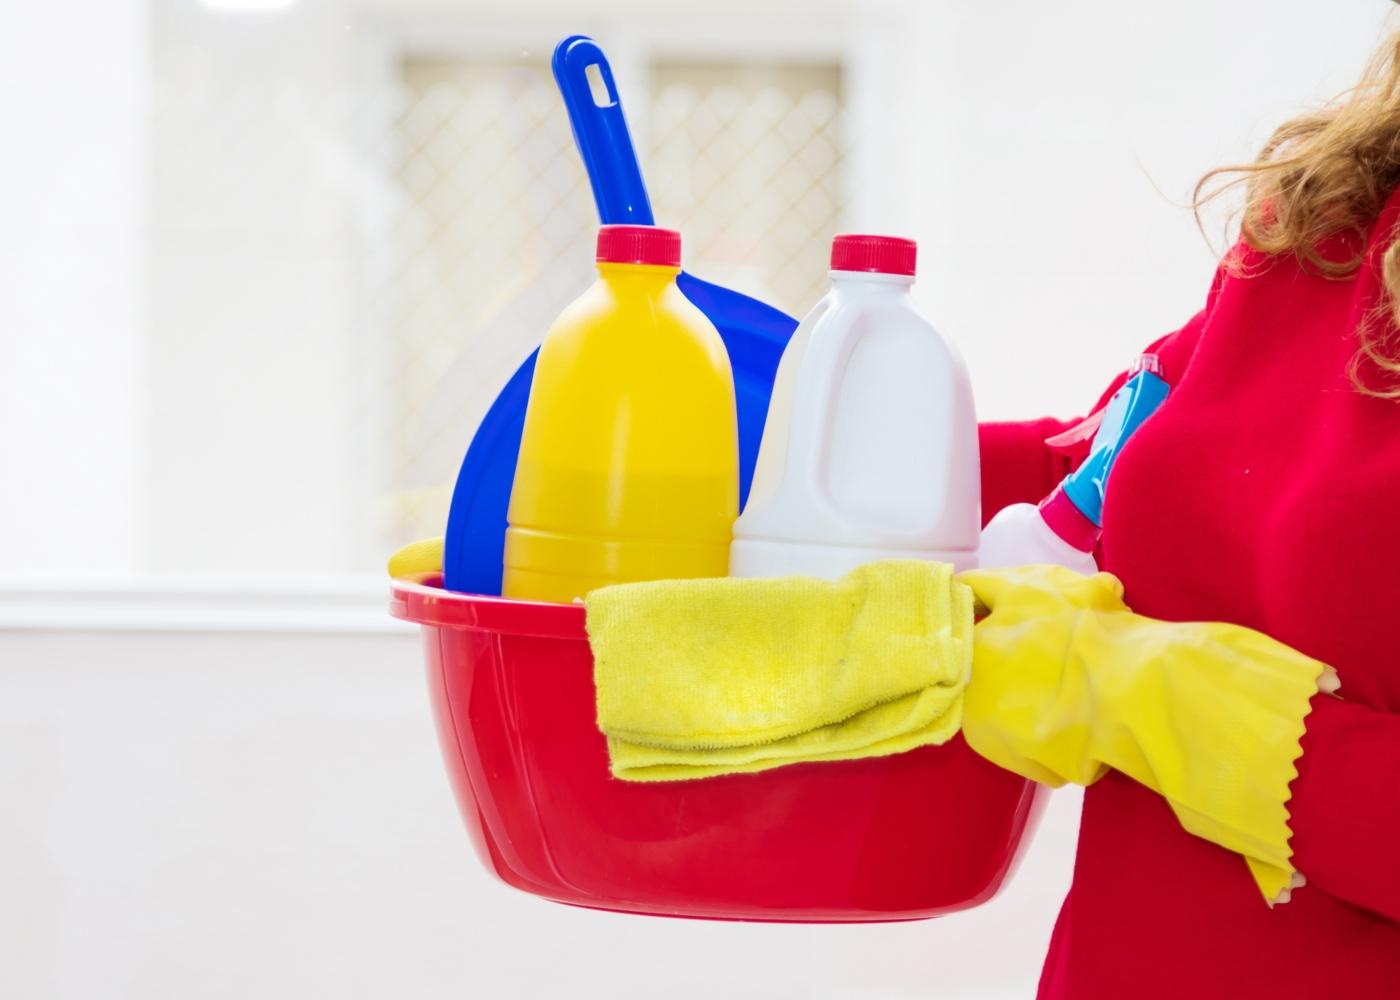 Como limpar as patas do seu cão quando chega a casa: lavar com lixívia